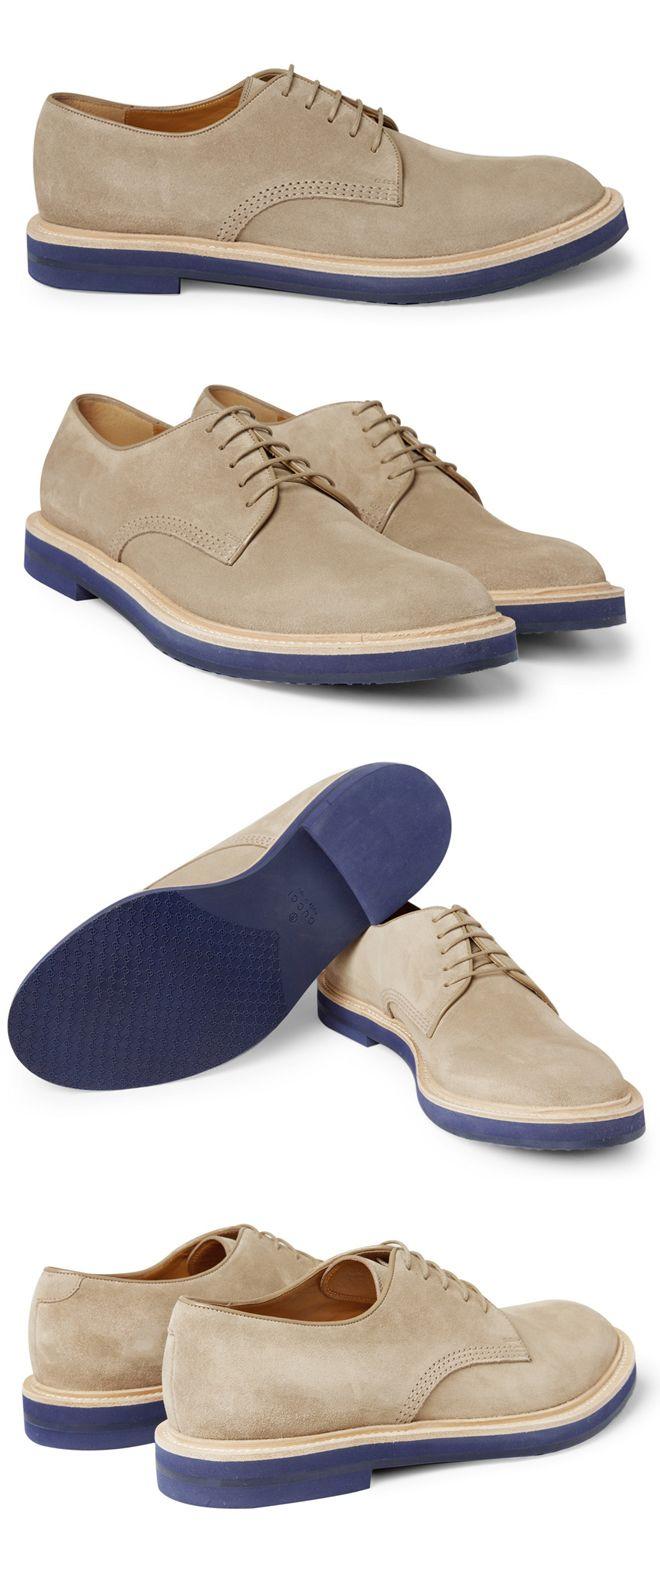 #shoes #men